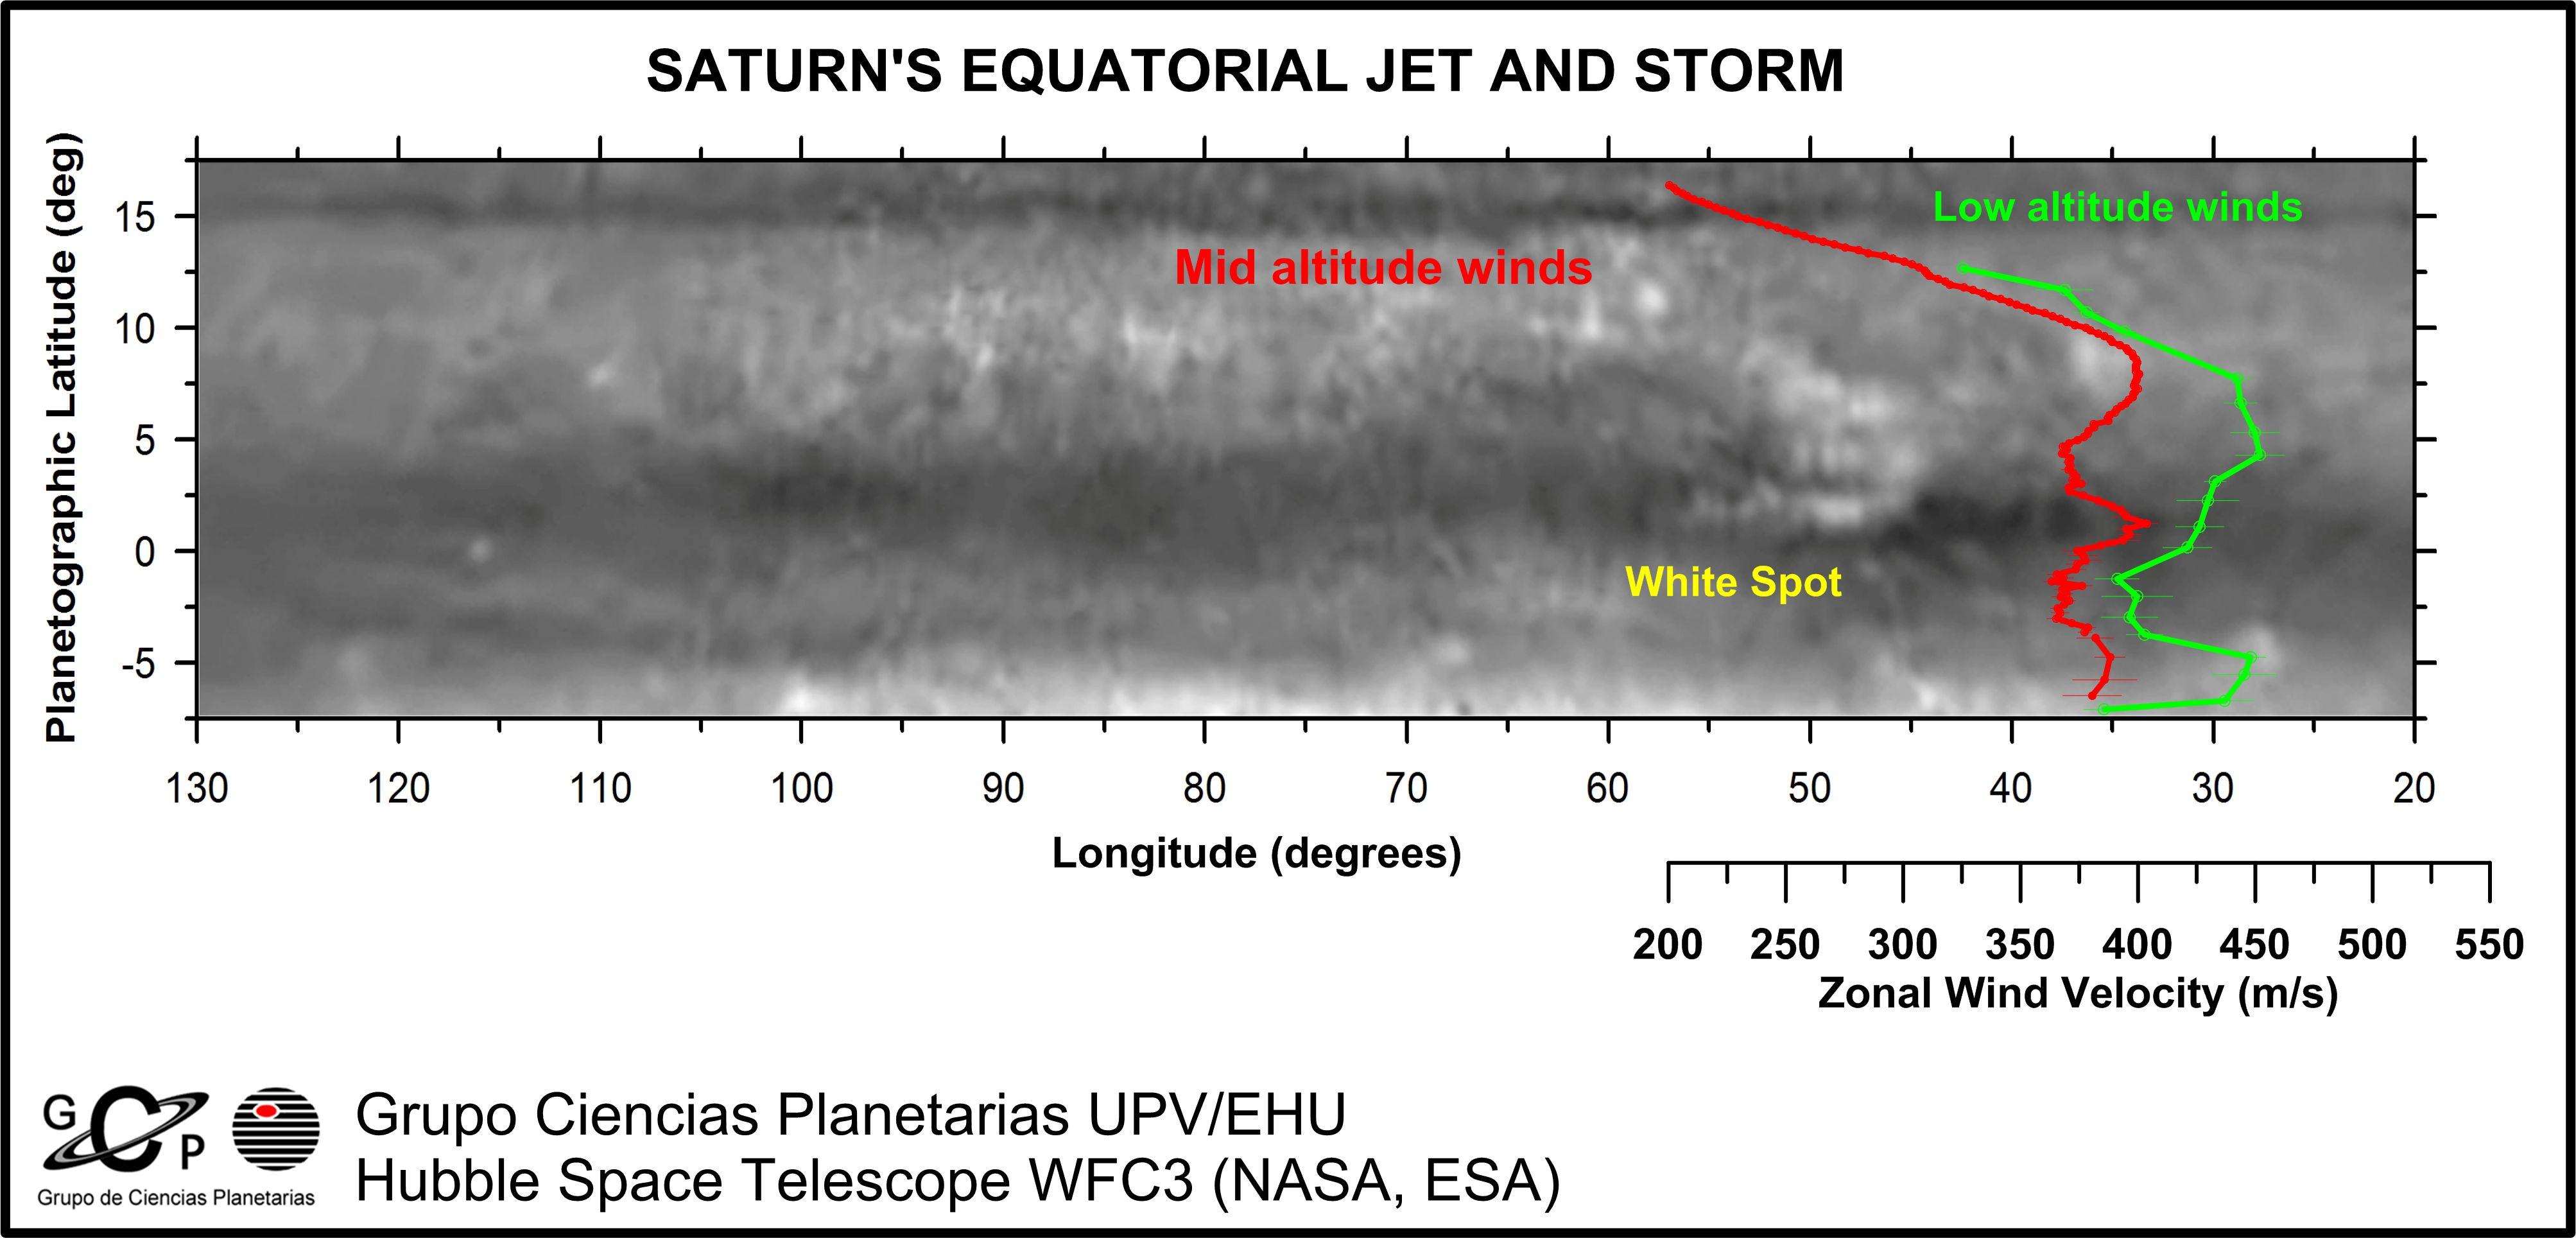 Una comparación de las velocidades de los vientos en la región ecuatorial a dos niveles de altura [1]. Crédito: GCP-UPV/EHU